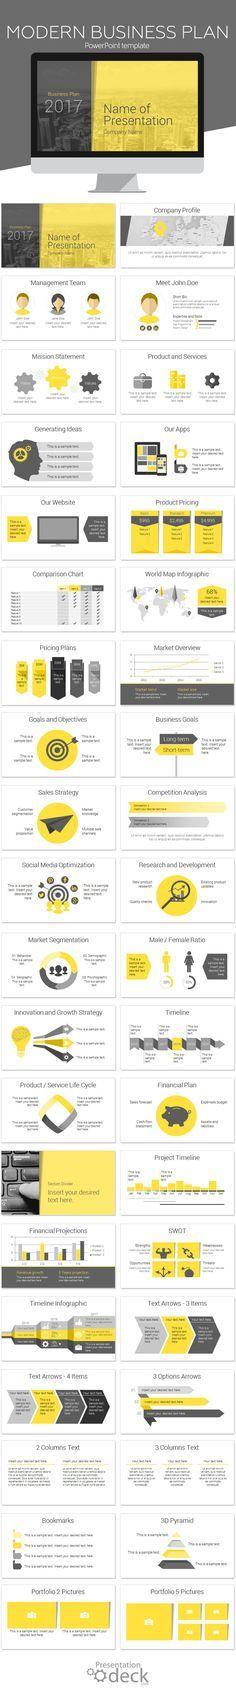 Modern Business Plan PowerPoint Template Financial statement